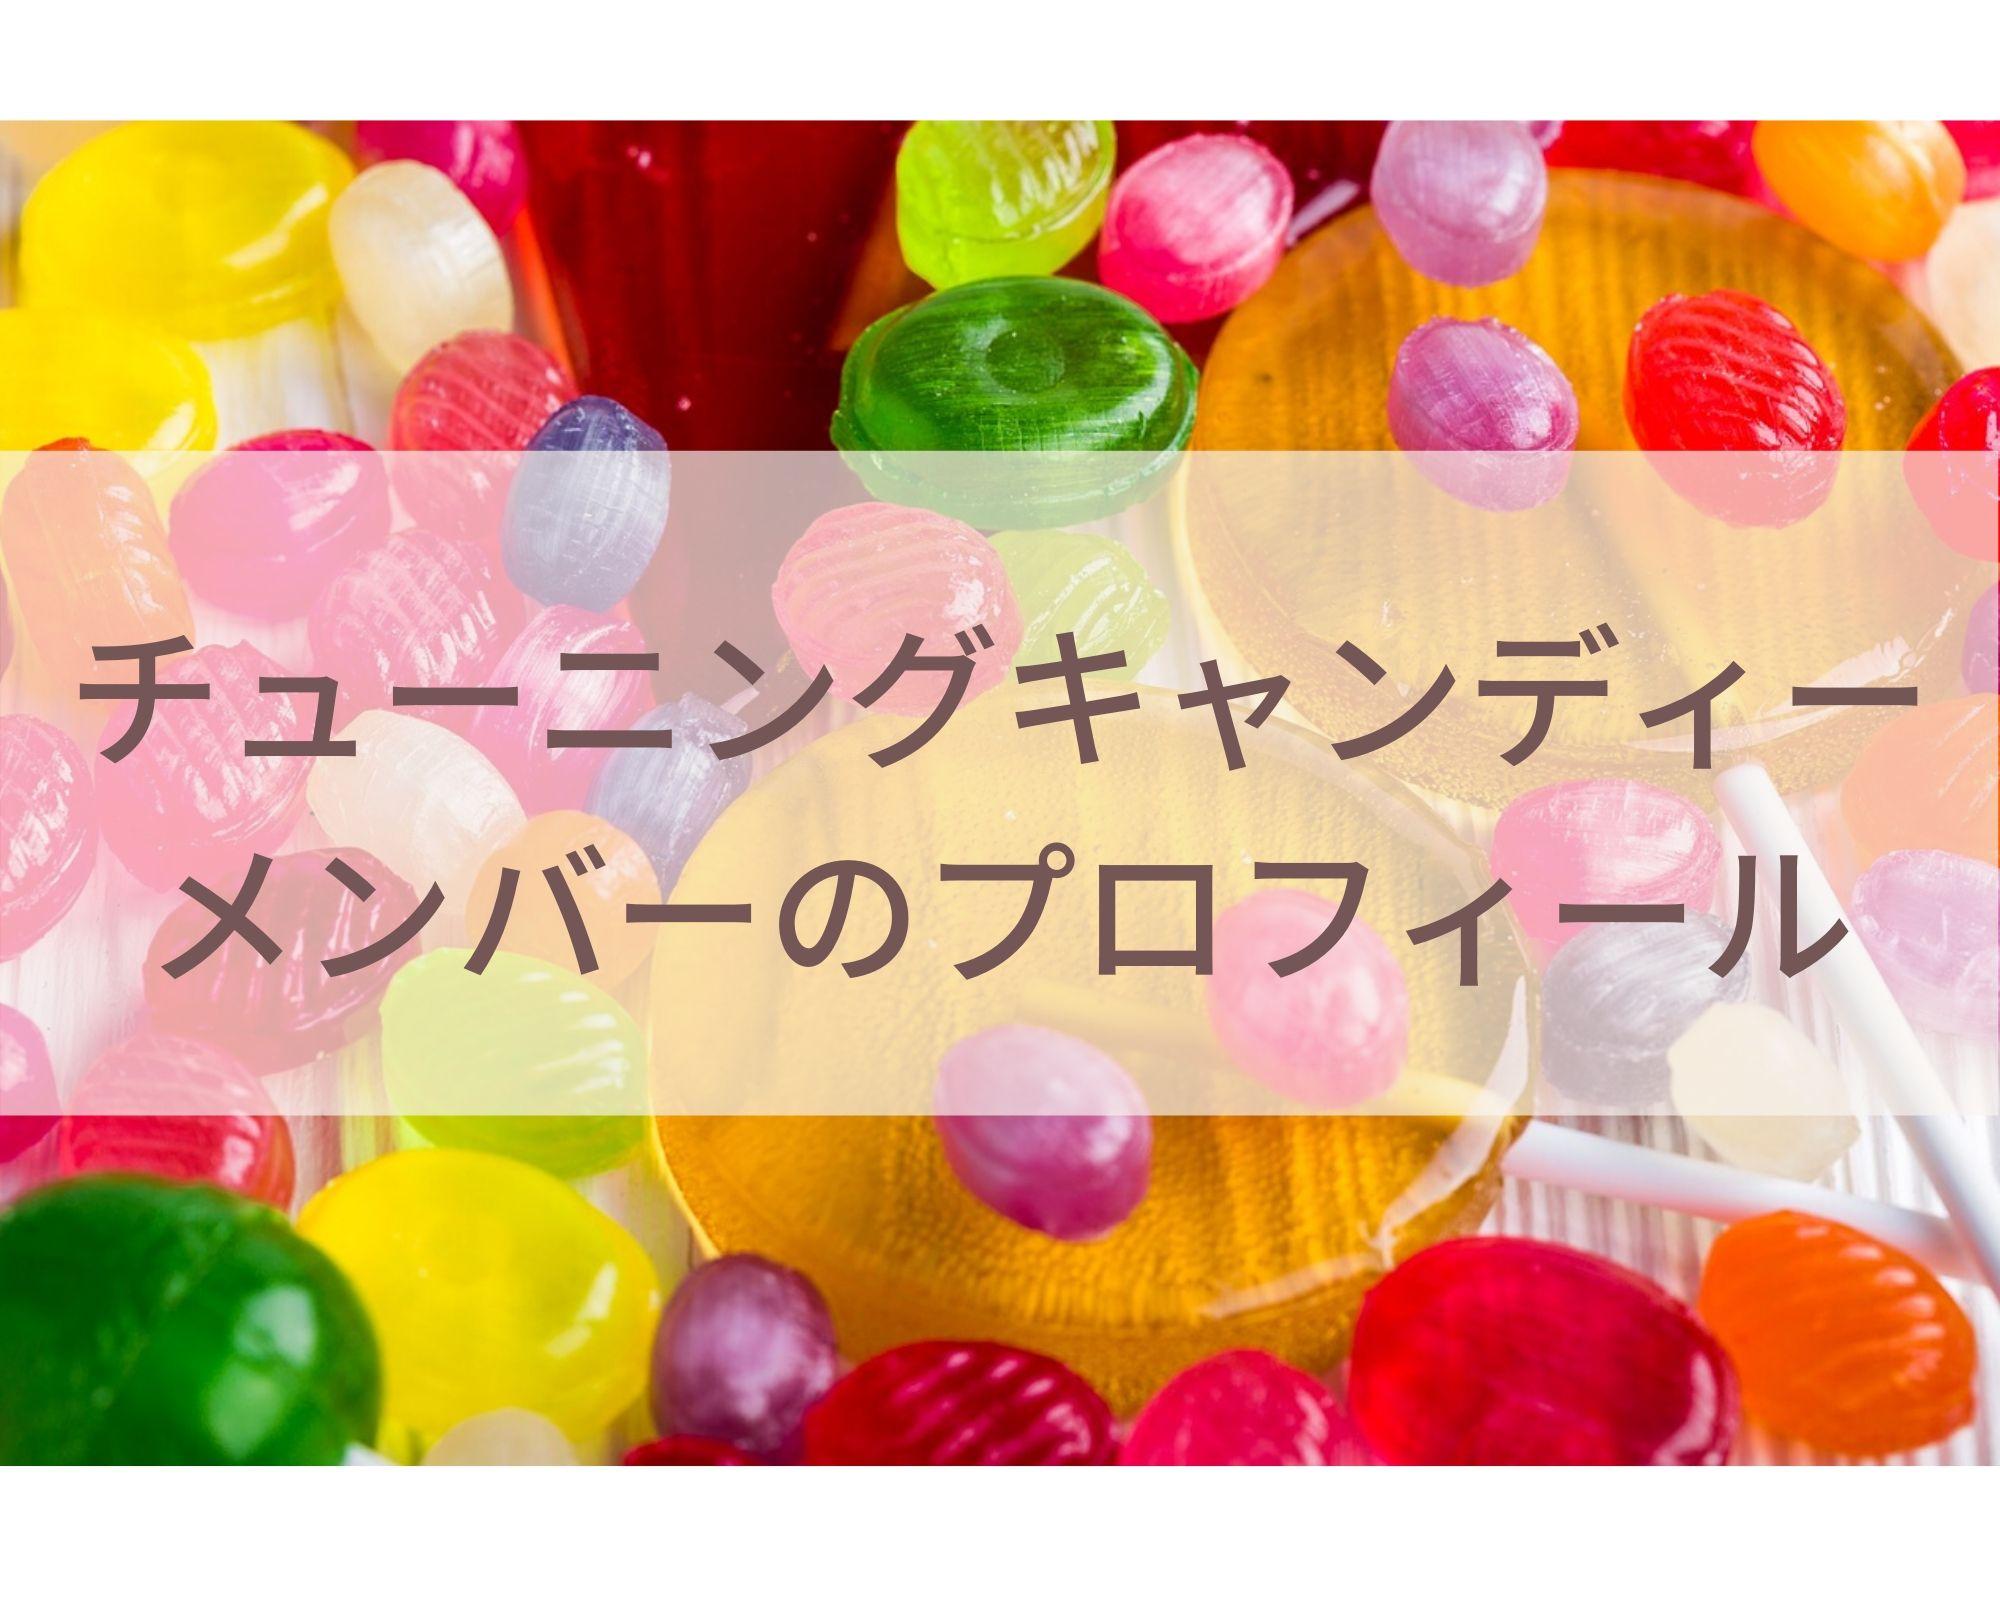 チューニングキャンディー記事タイトル